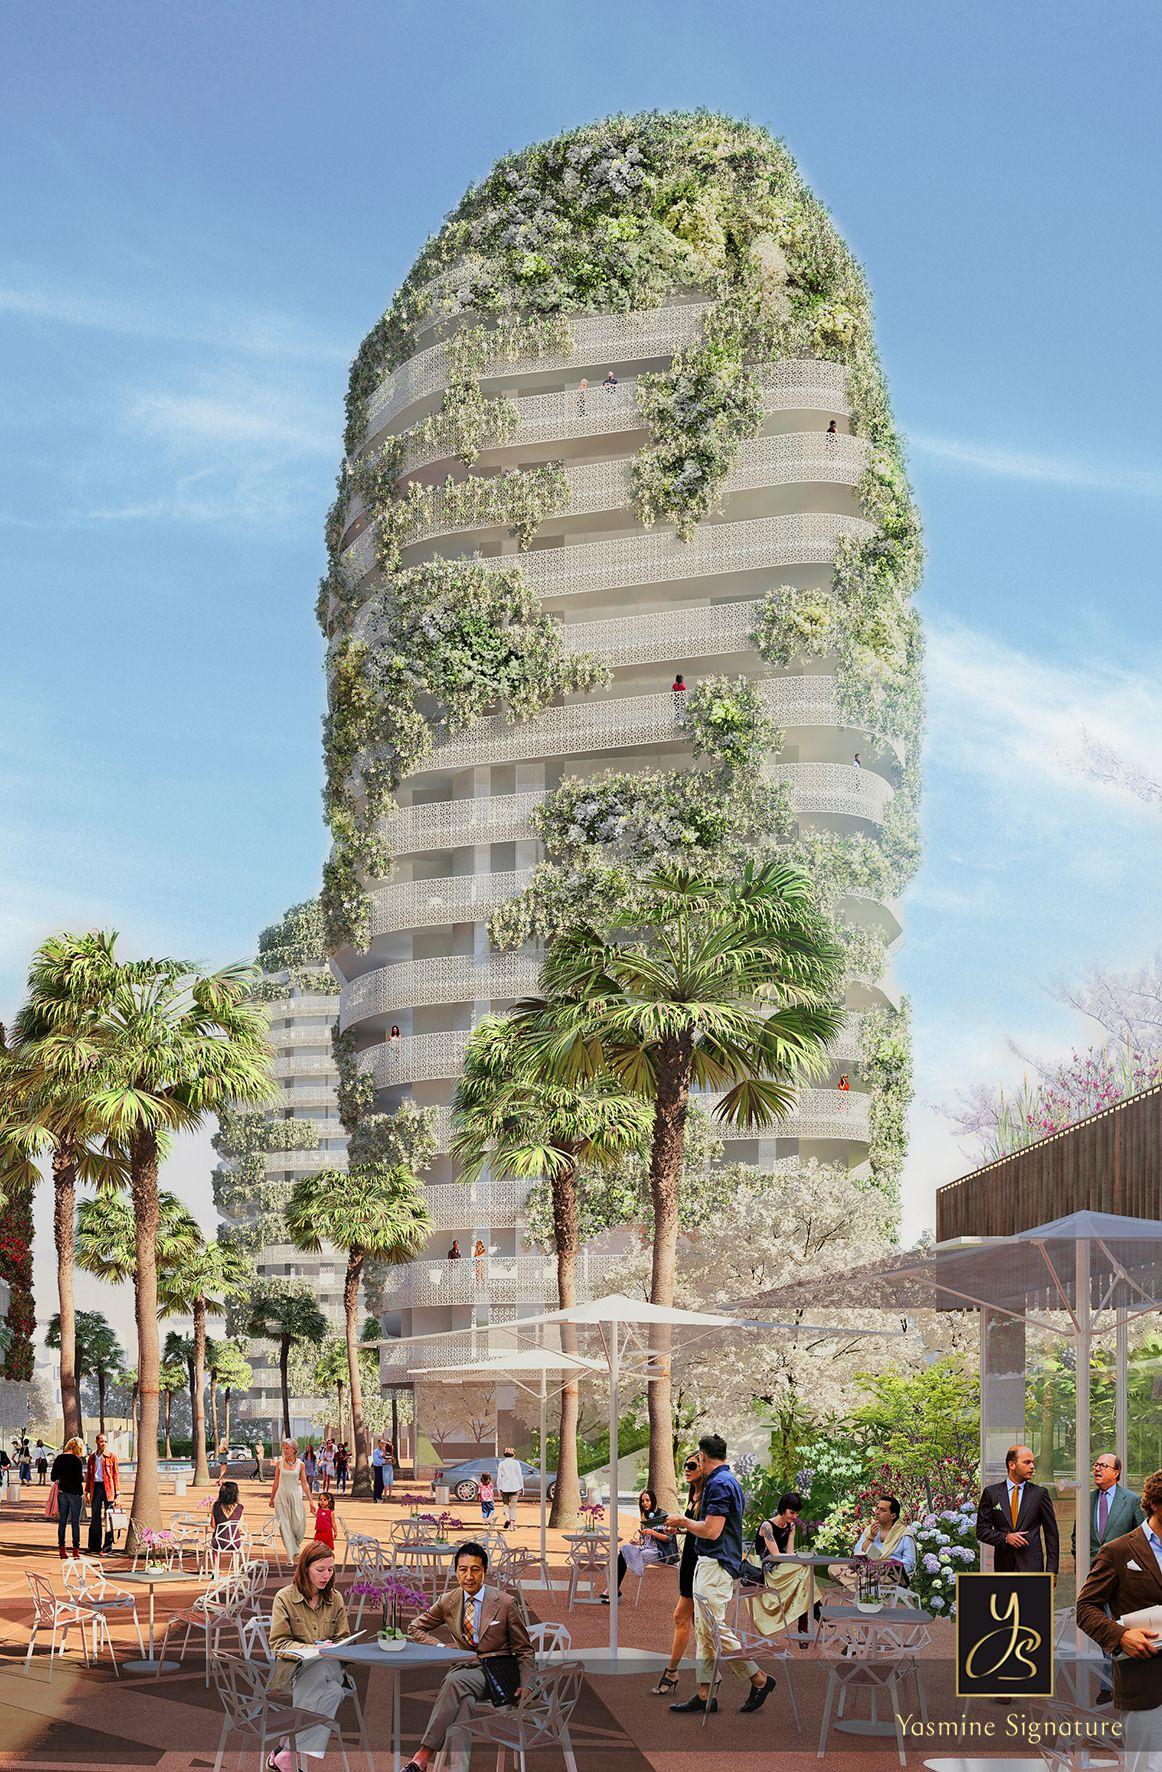 Pingl par nonotte sur ville v g tale pinterest immobilier organique et immeuble - Immeuble vegetal ...